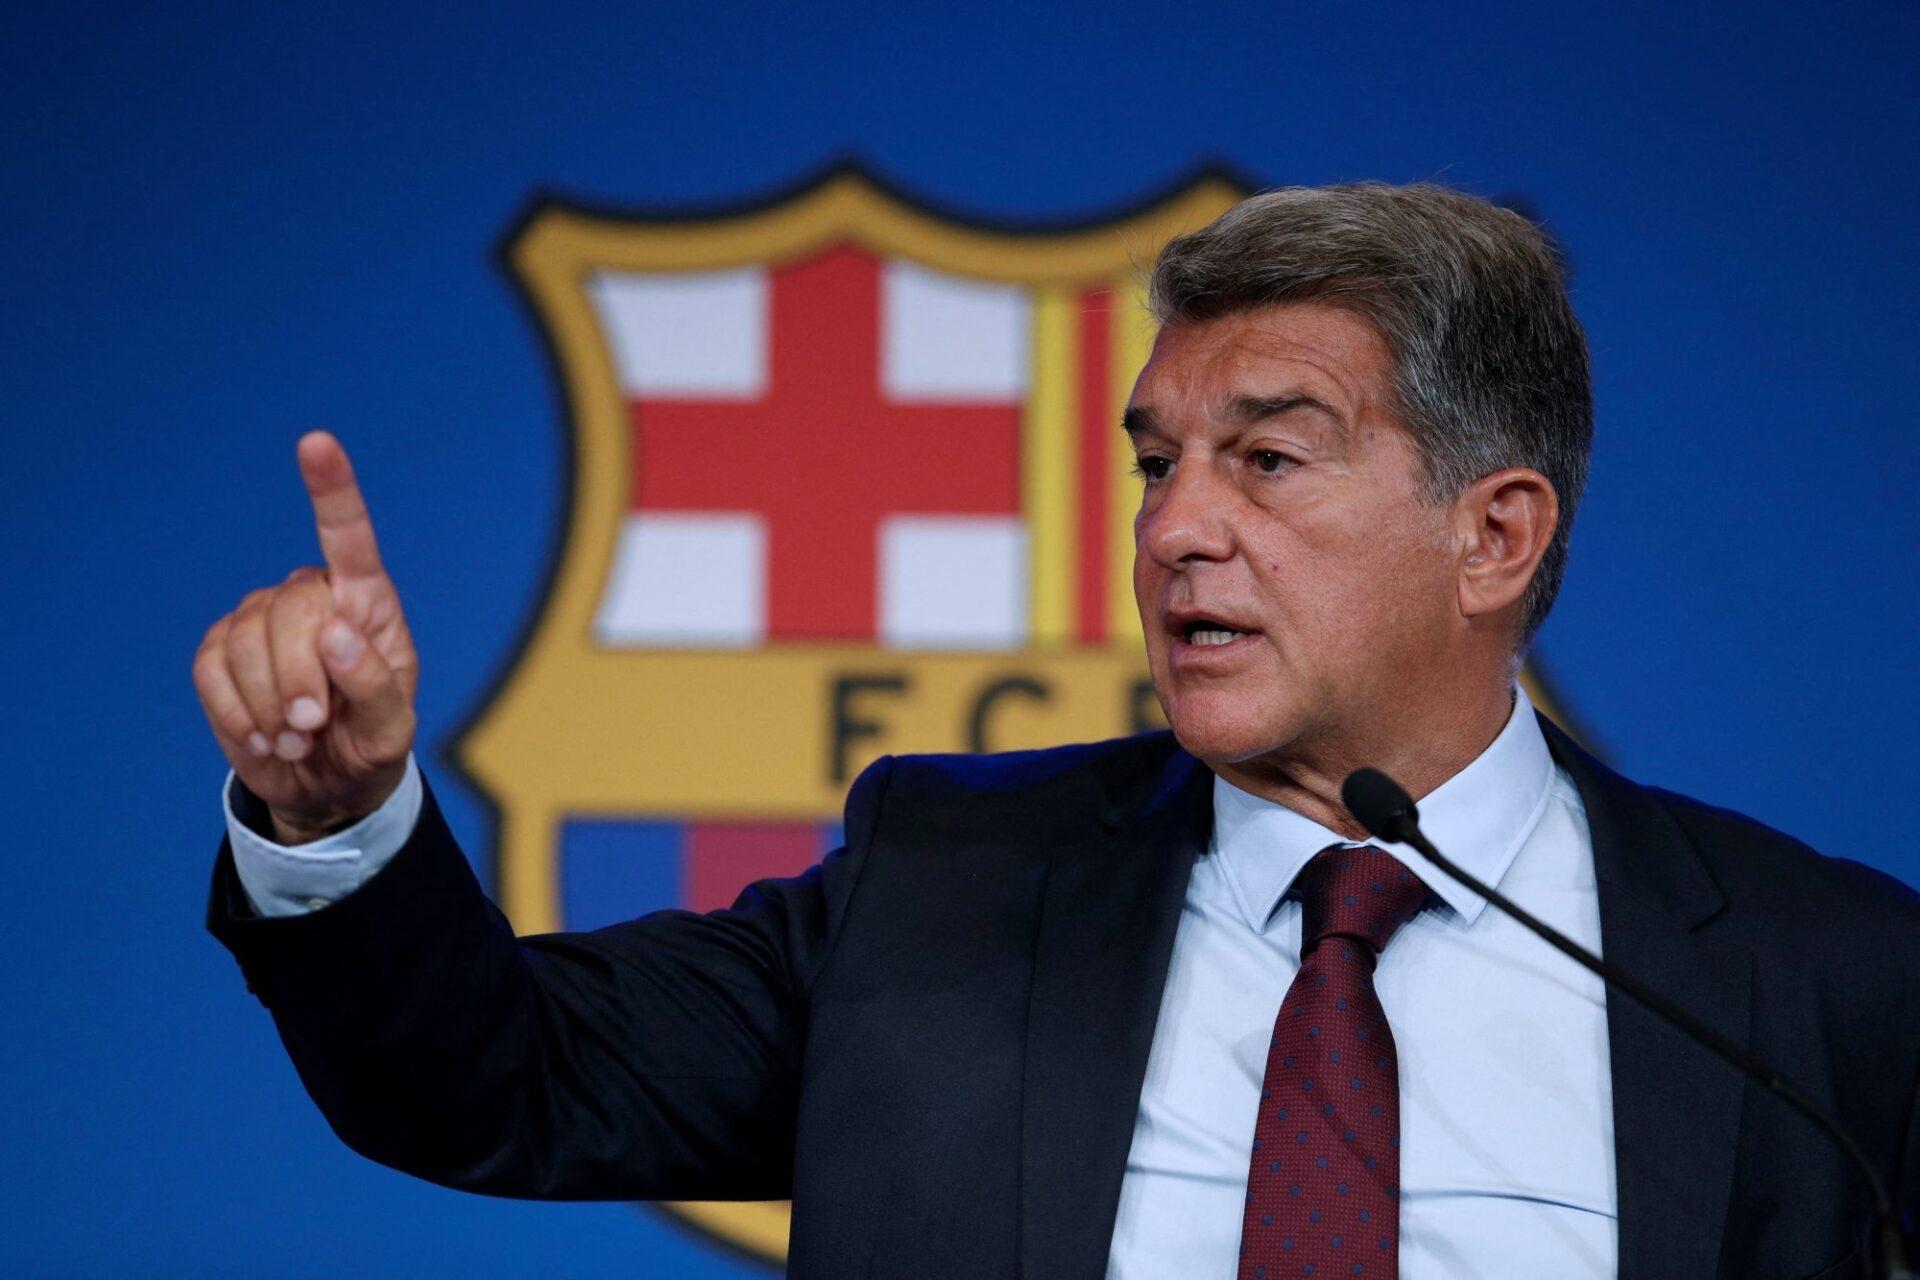 Joan Laporta veut y croire : le Barça ira mieux financièrement dans quelques mois. Icon Sport